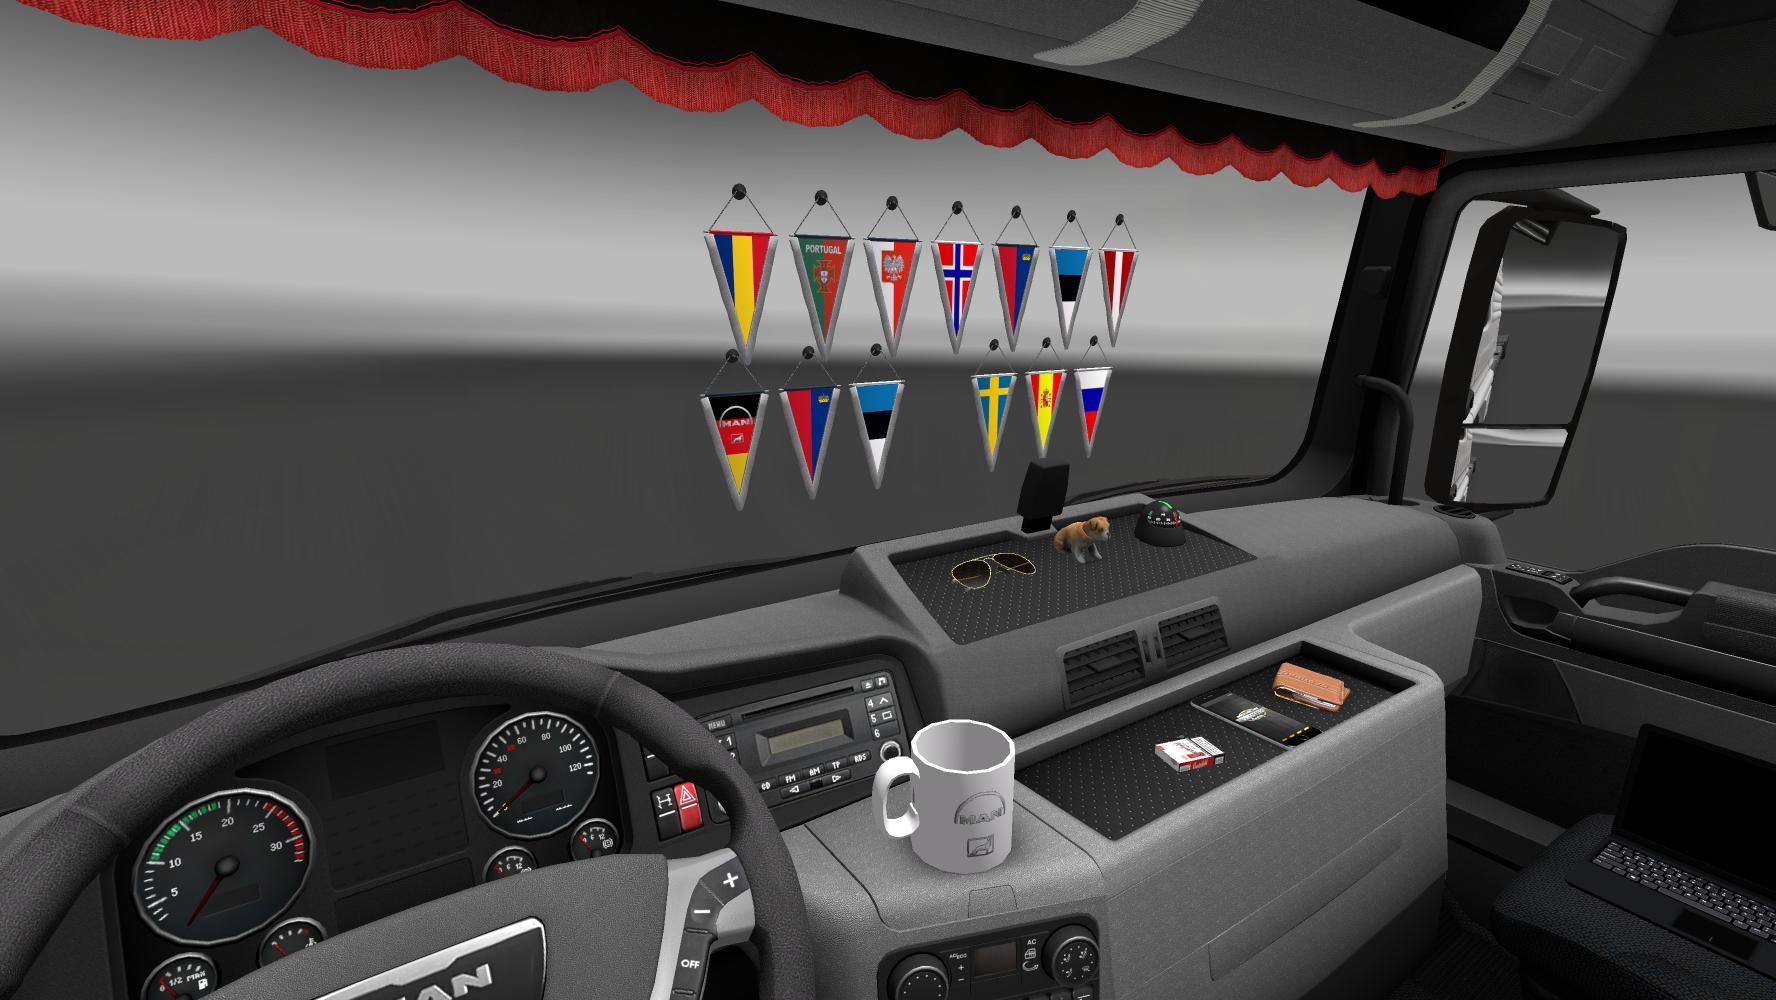 addons for dlc cabin ets 2 euro truck simulator 2 mods. Black Bedroom Furniture Sets. Home Design Ideas